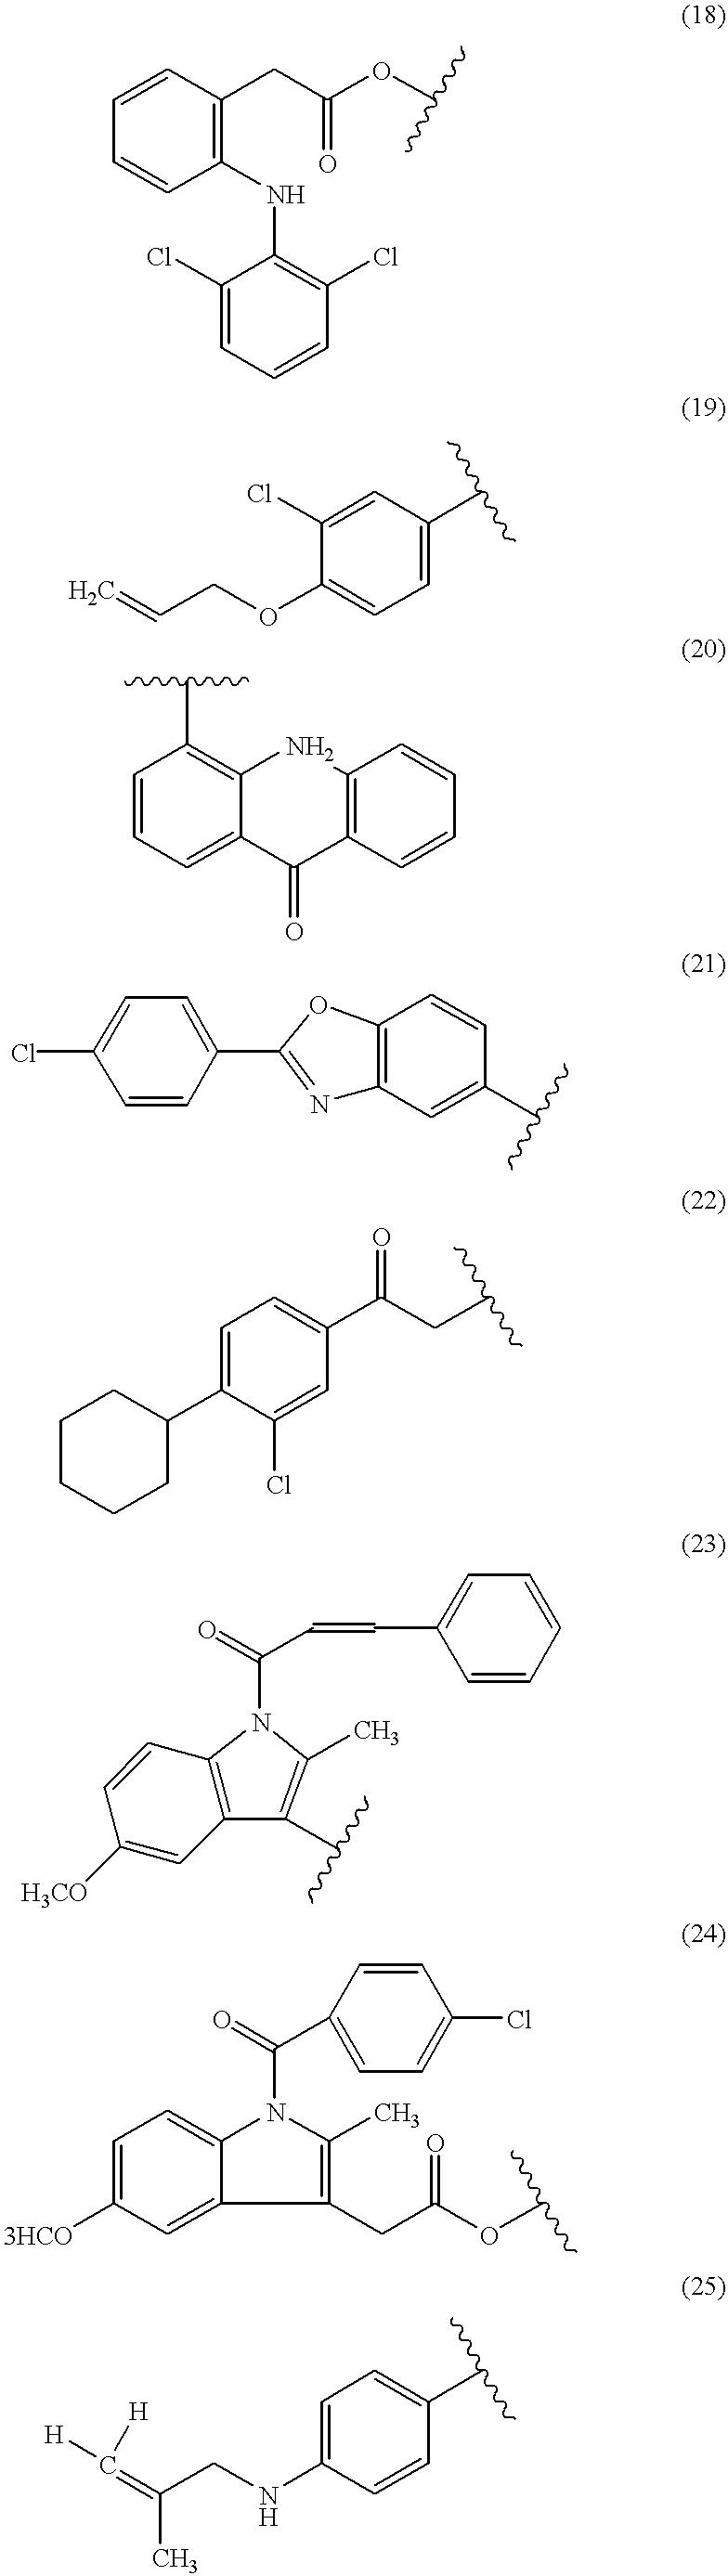 Figure US06297260-20011002-C00004